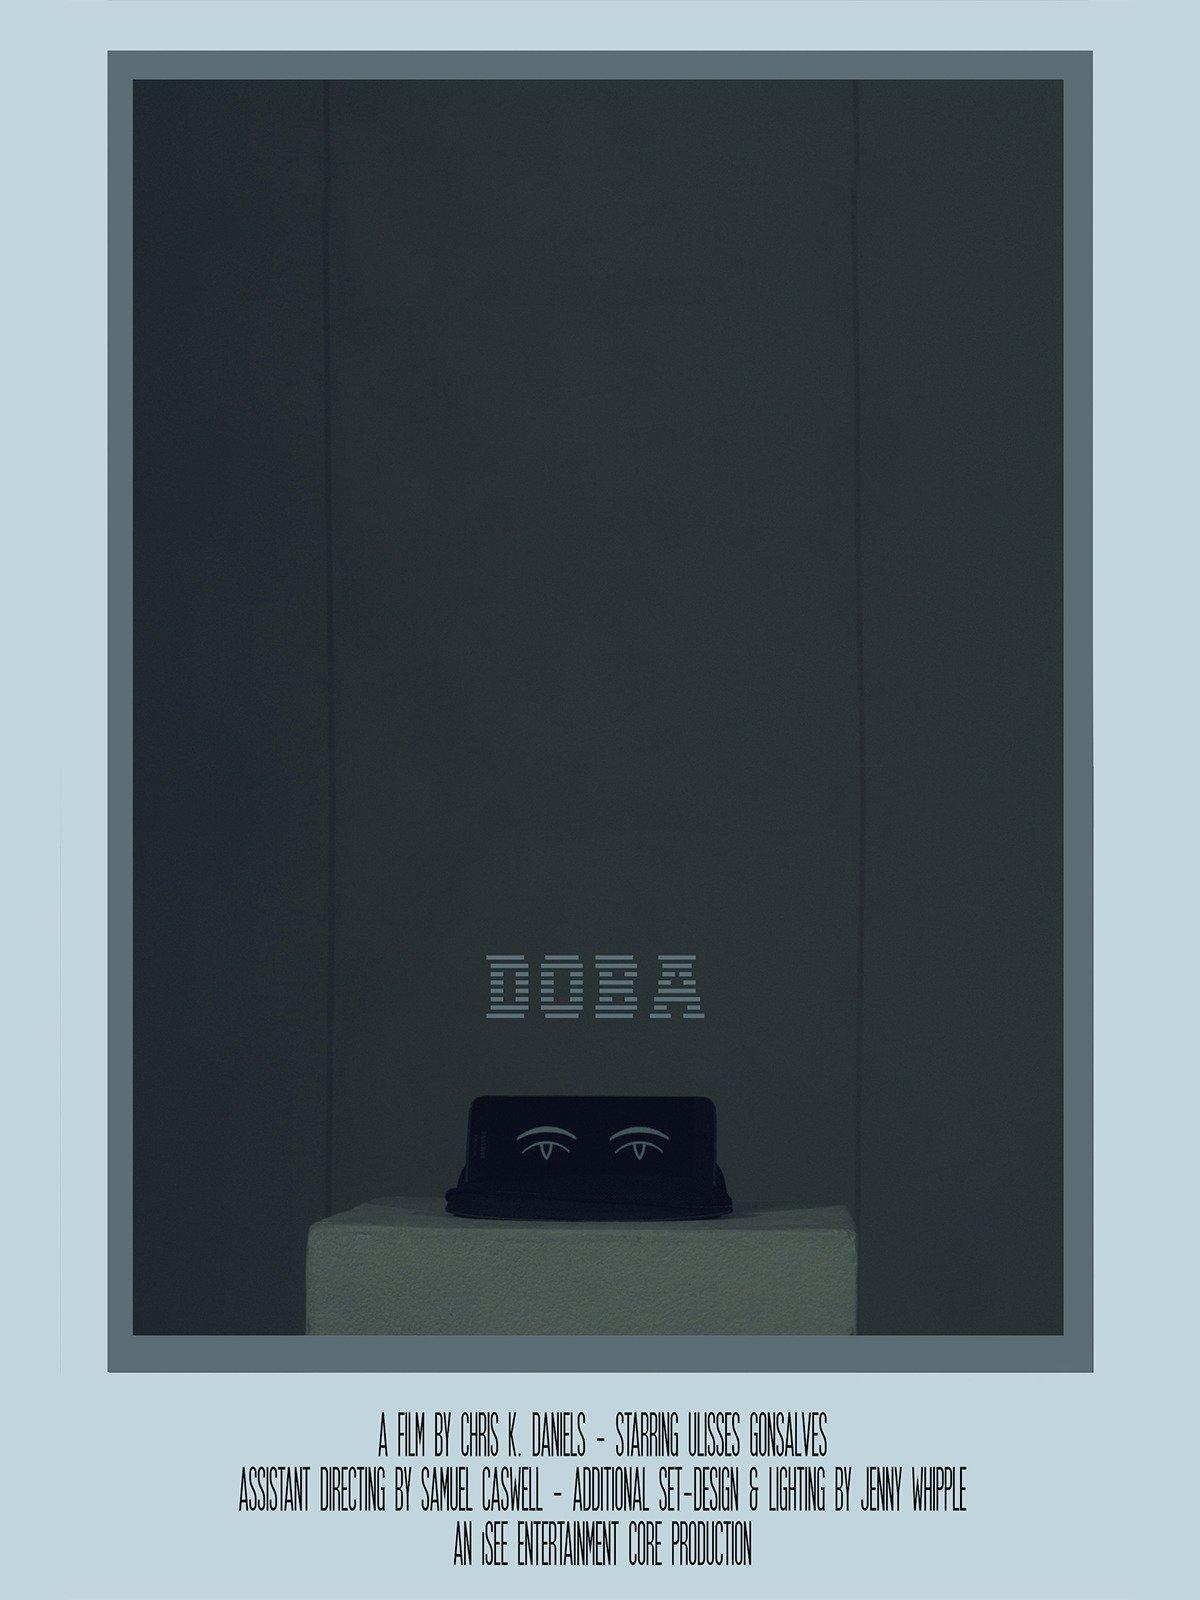 D.O.B.A.